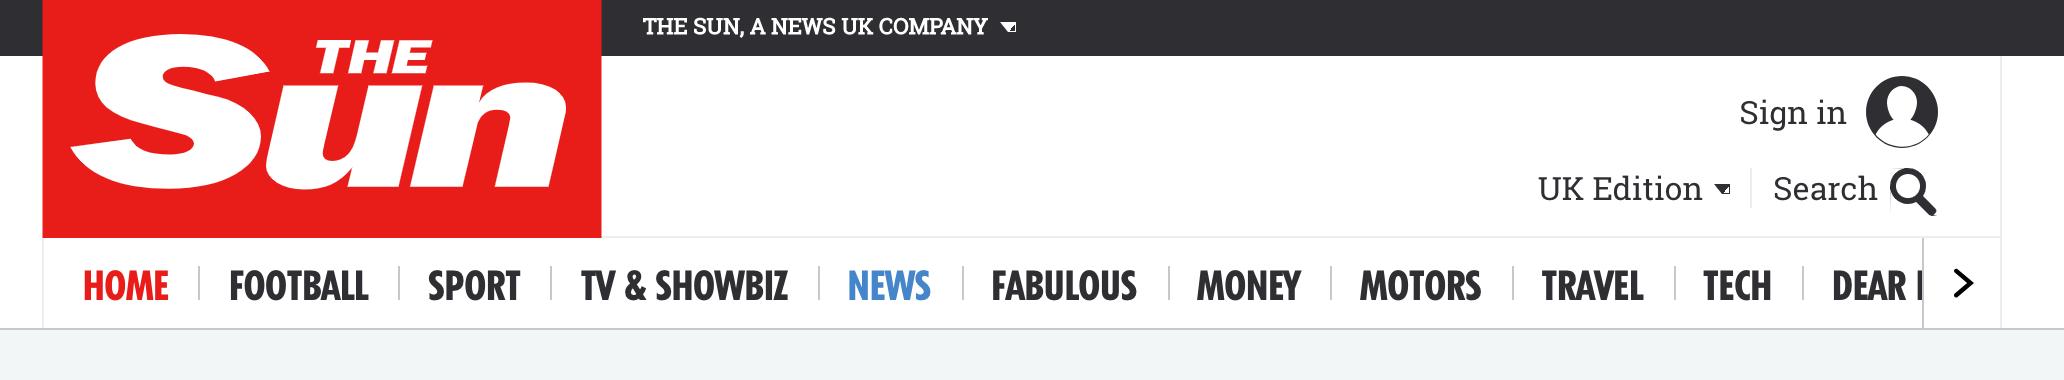 thesun.co.uk 10/04/2019